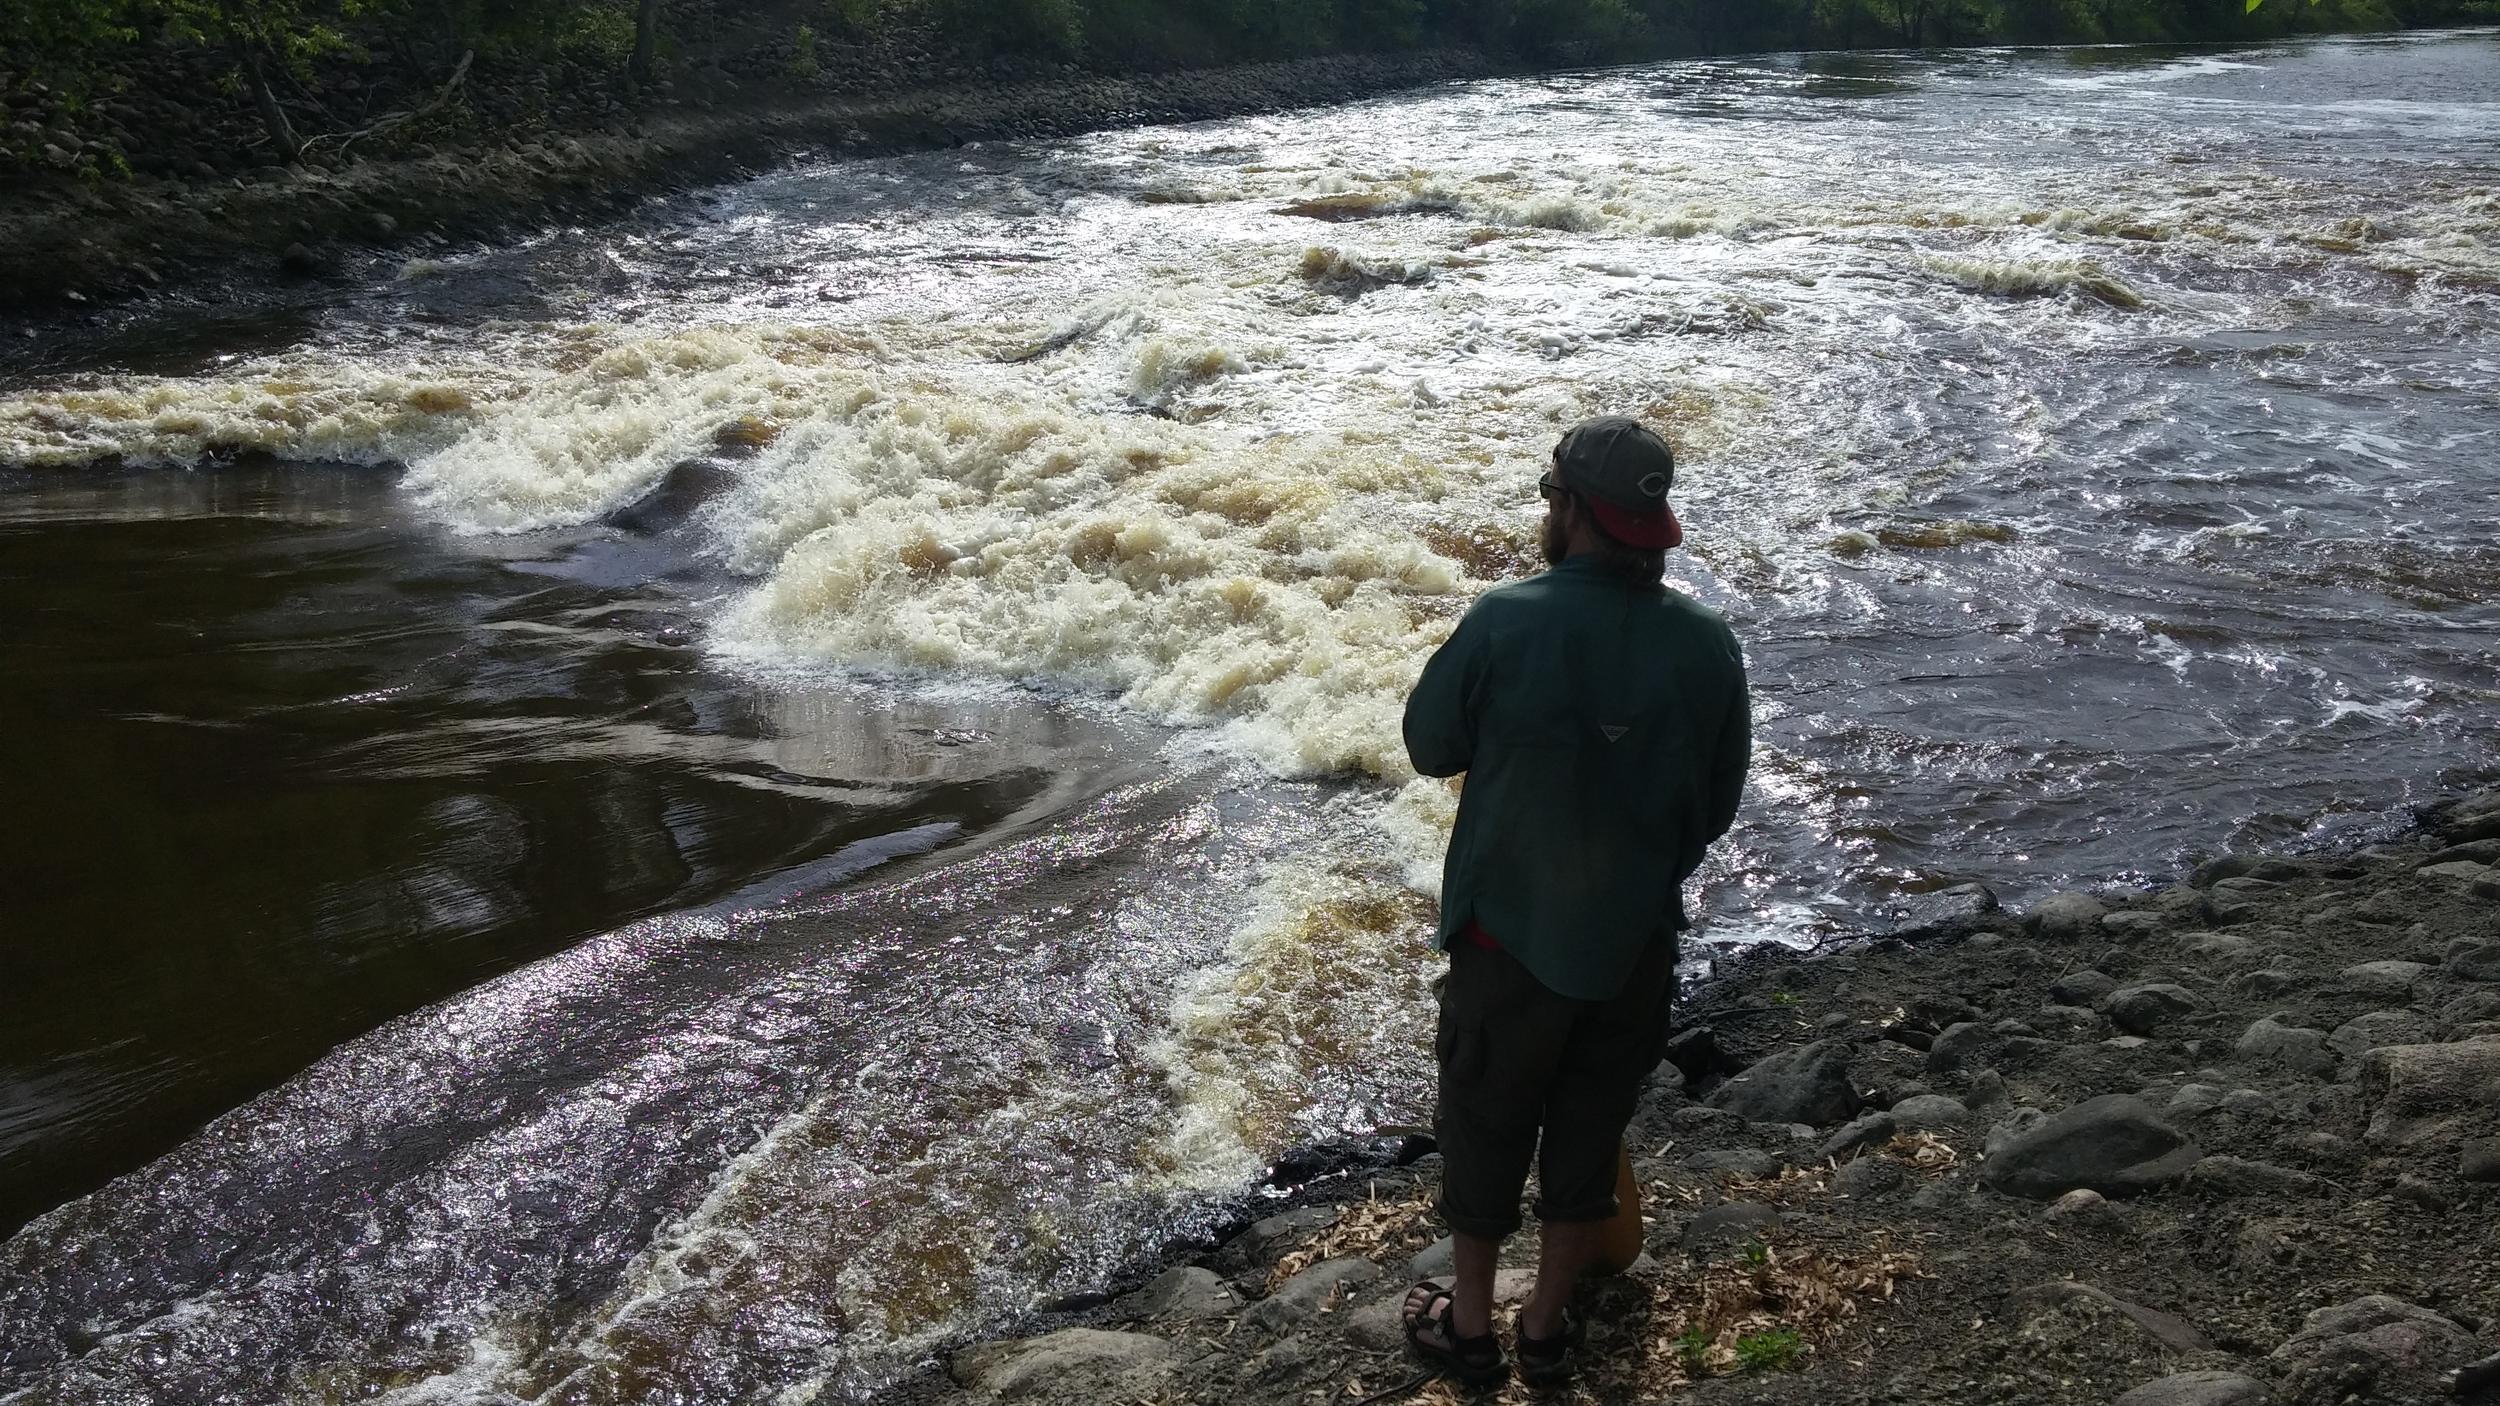 Shea surveys a treacherous stretch of river.